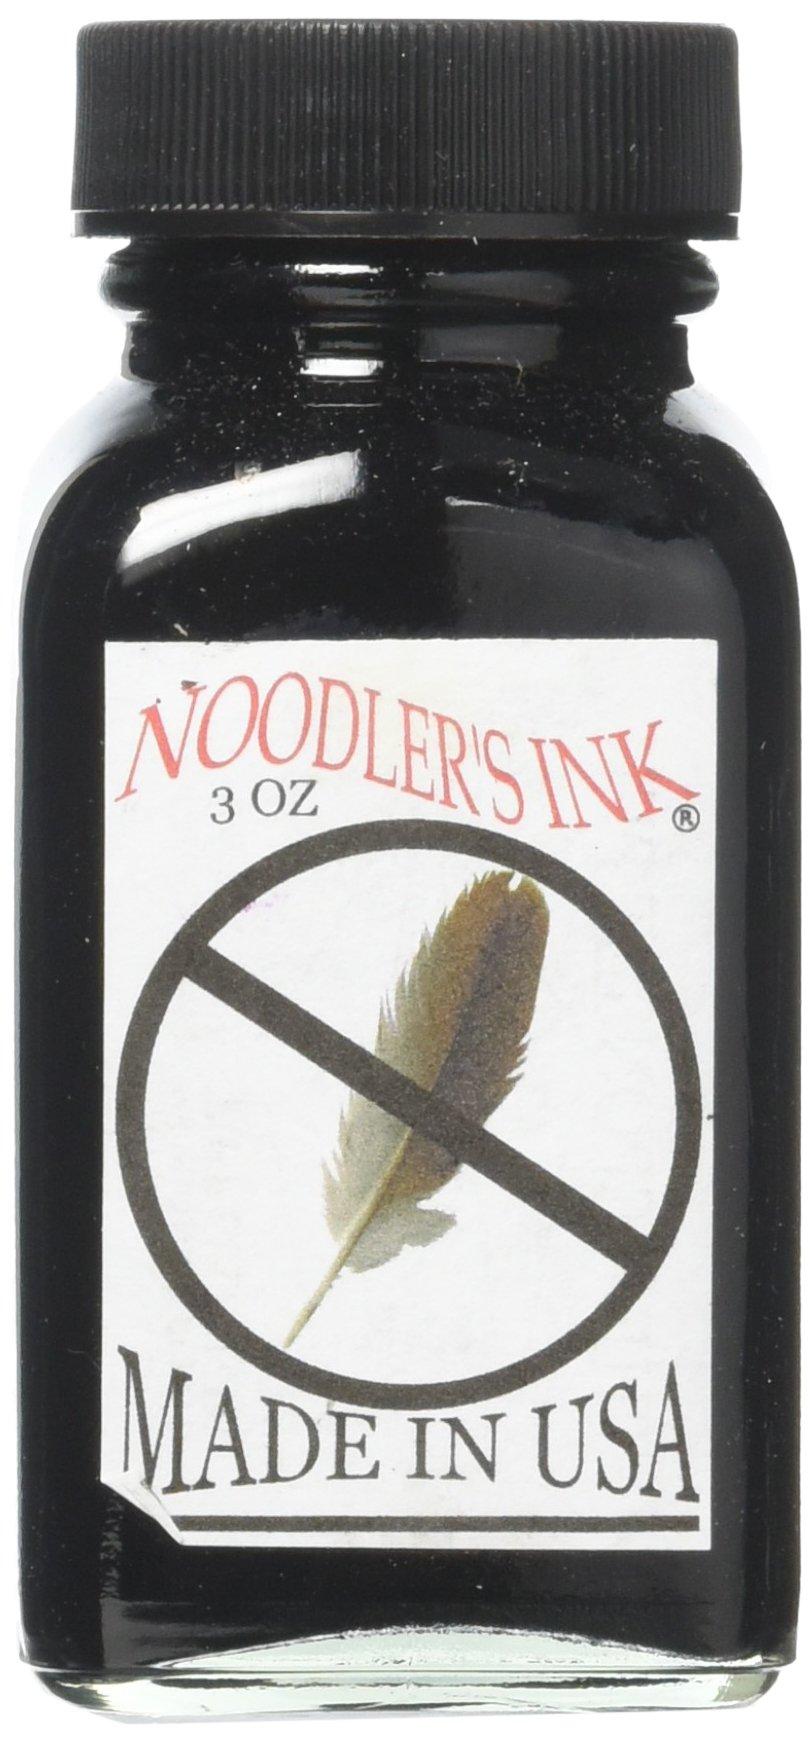 Noodlers Ink 3 Oz X-Feather Black by Noodler's (Image #1)